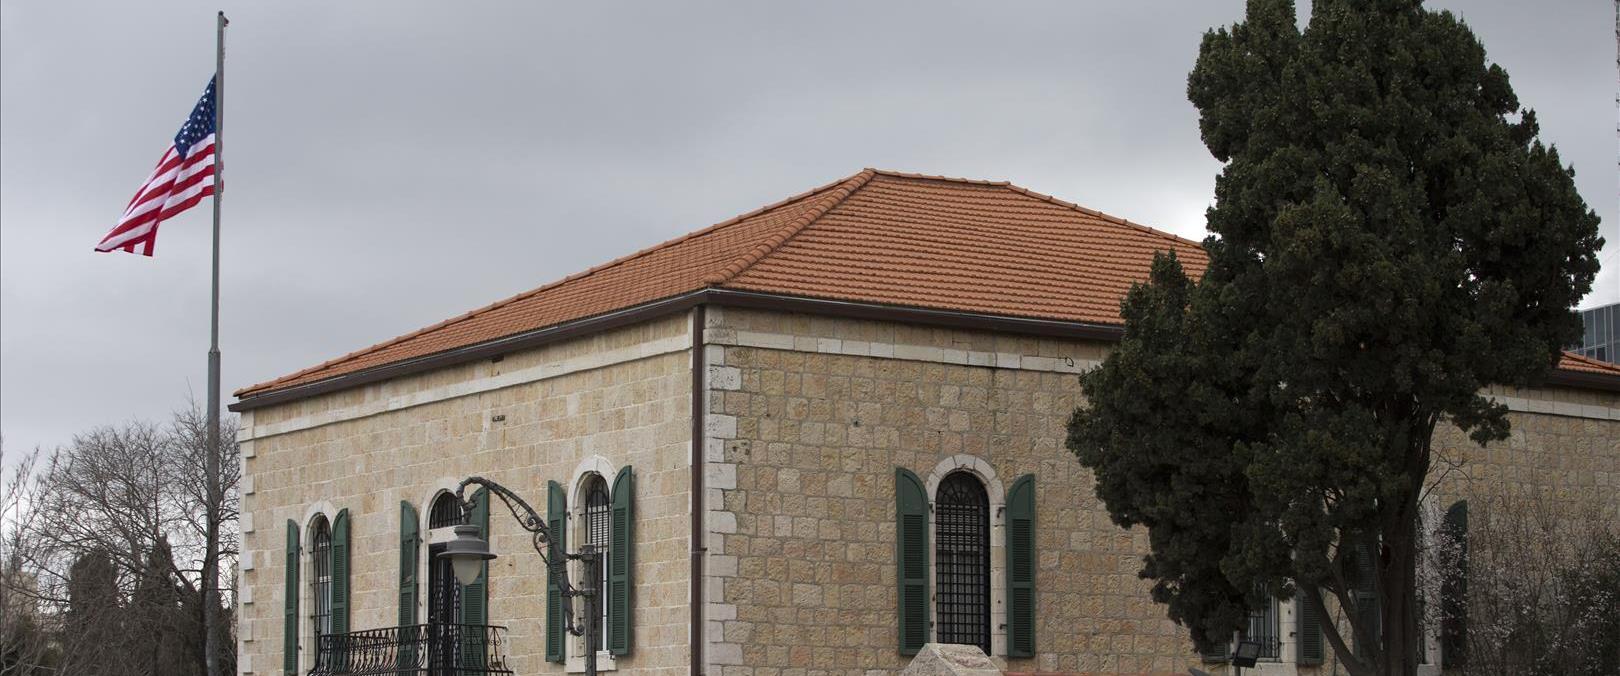 القنصلية الأمريكية شرقي أورشليم القدس